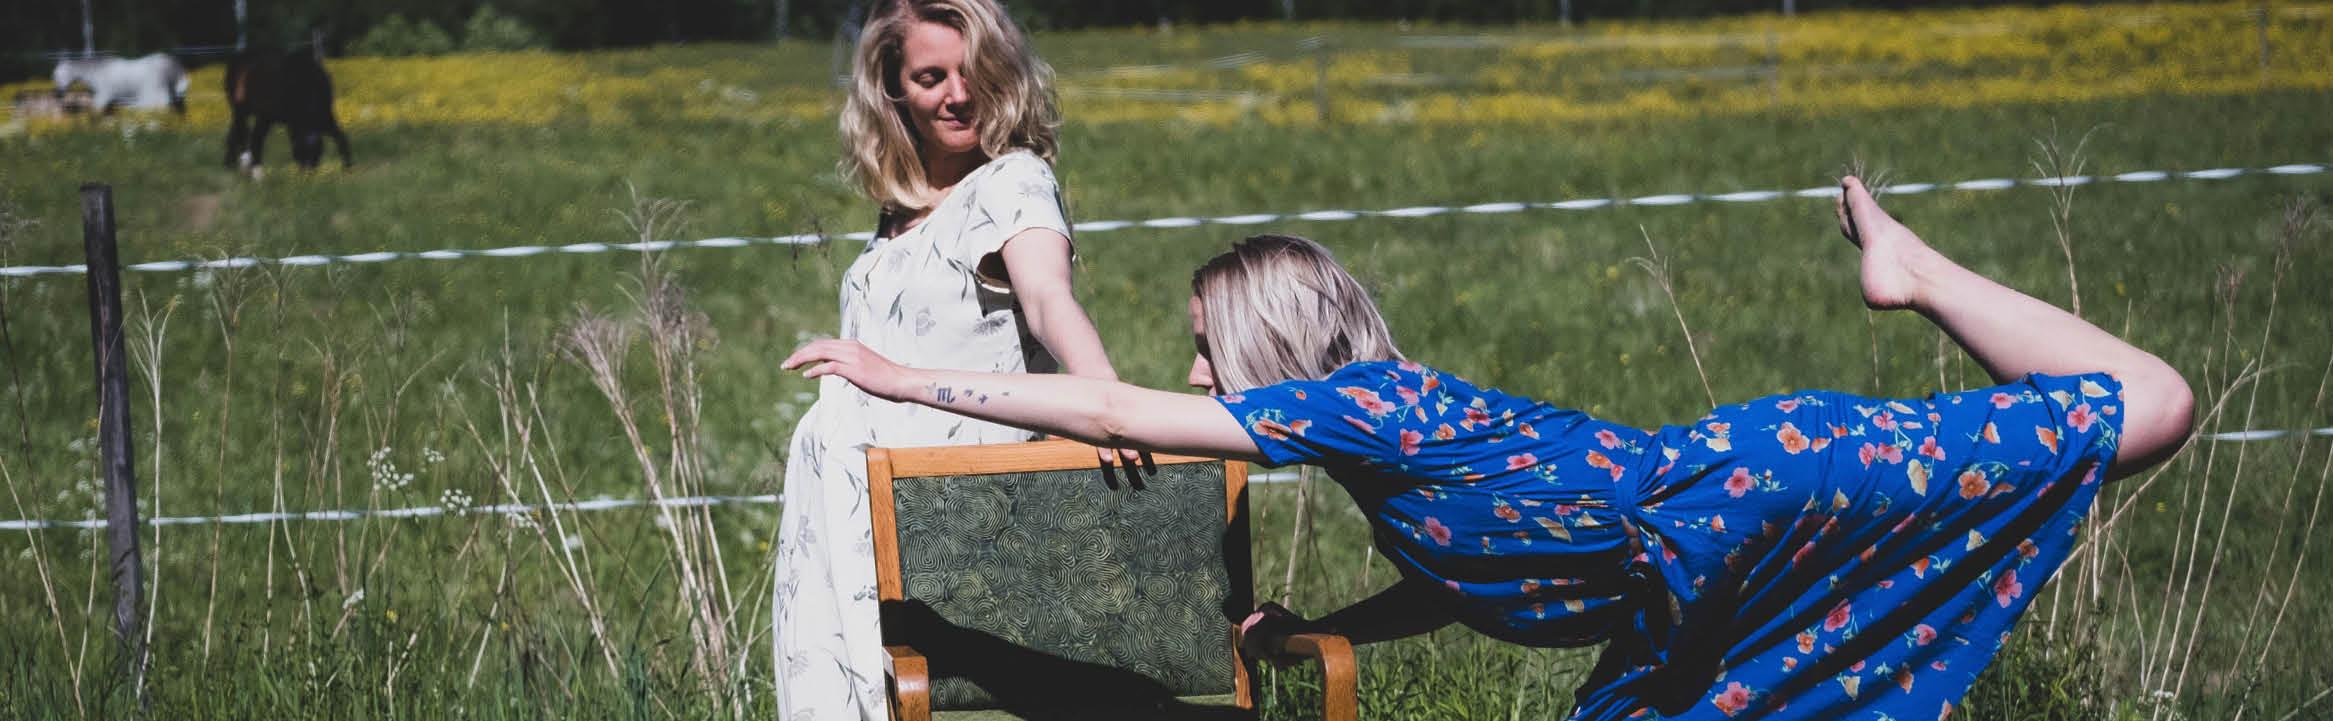 Danskonstnärerna My Prim och Karin Quist, Foto: Thomas Hegefors